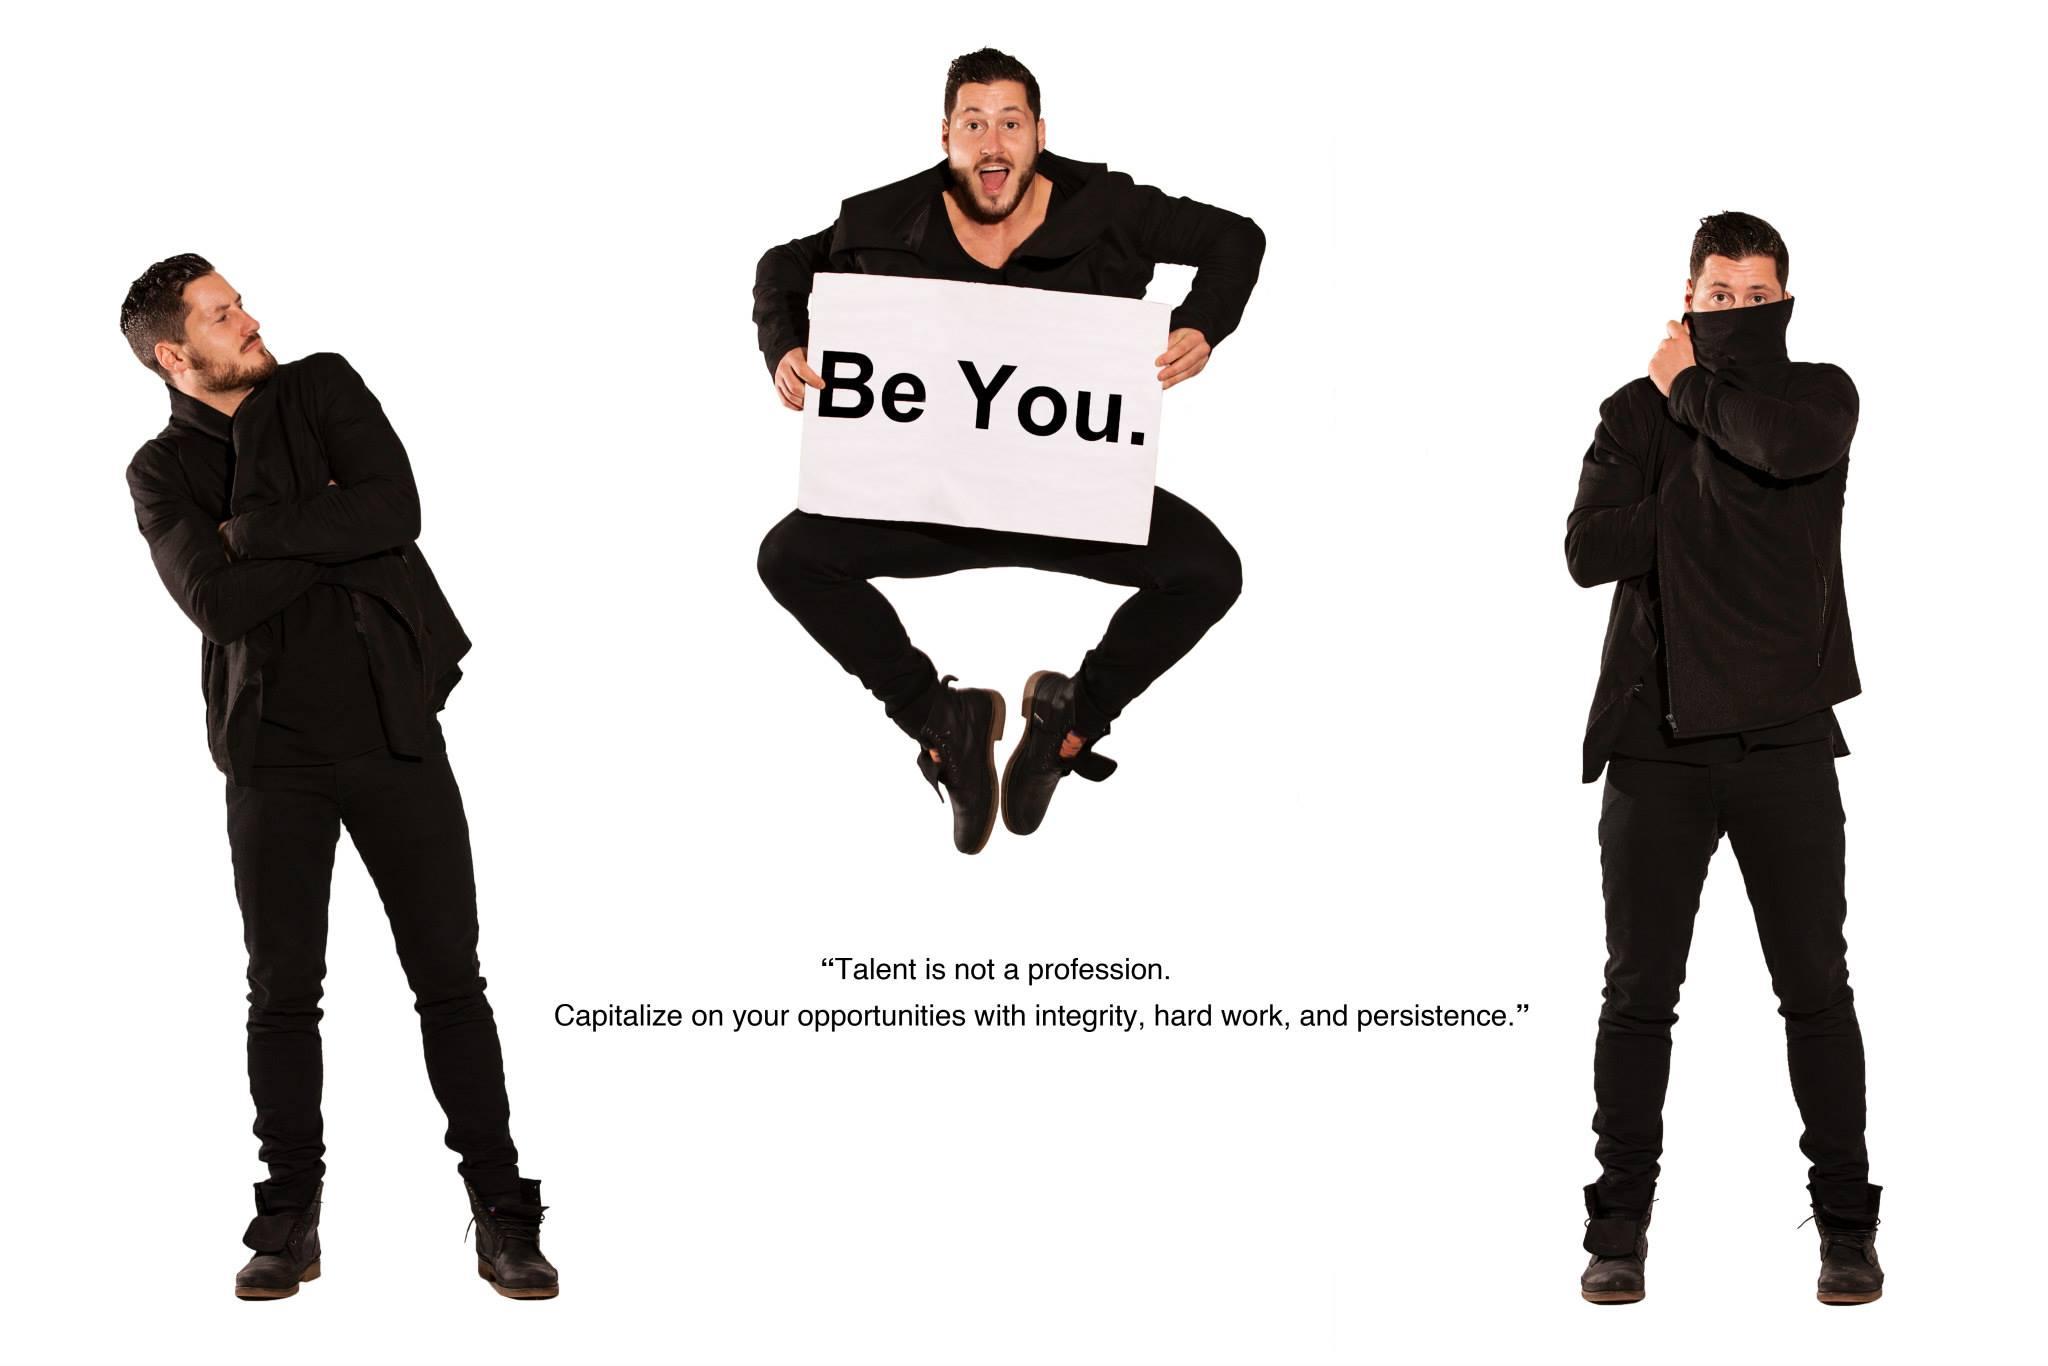 be-you-campaign-pinkgrasshopper